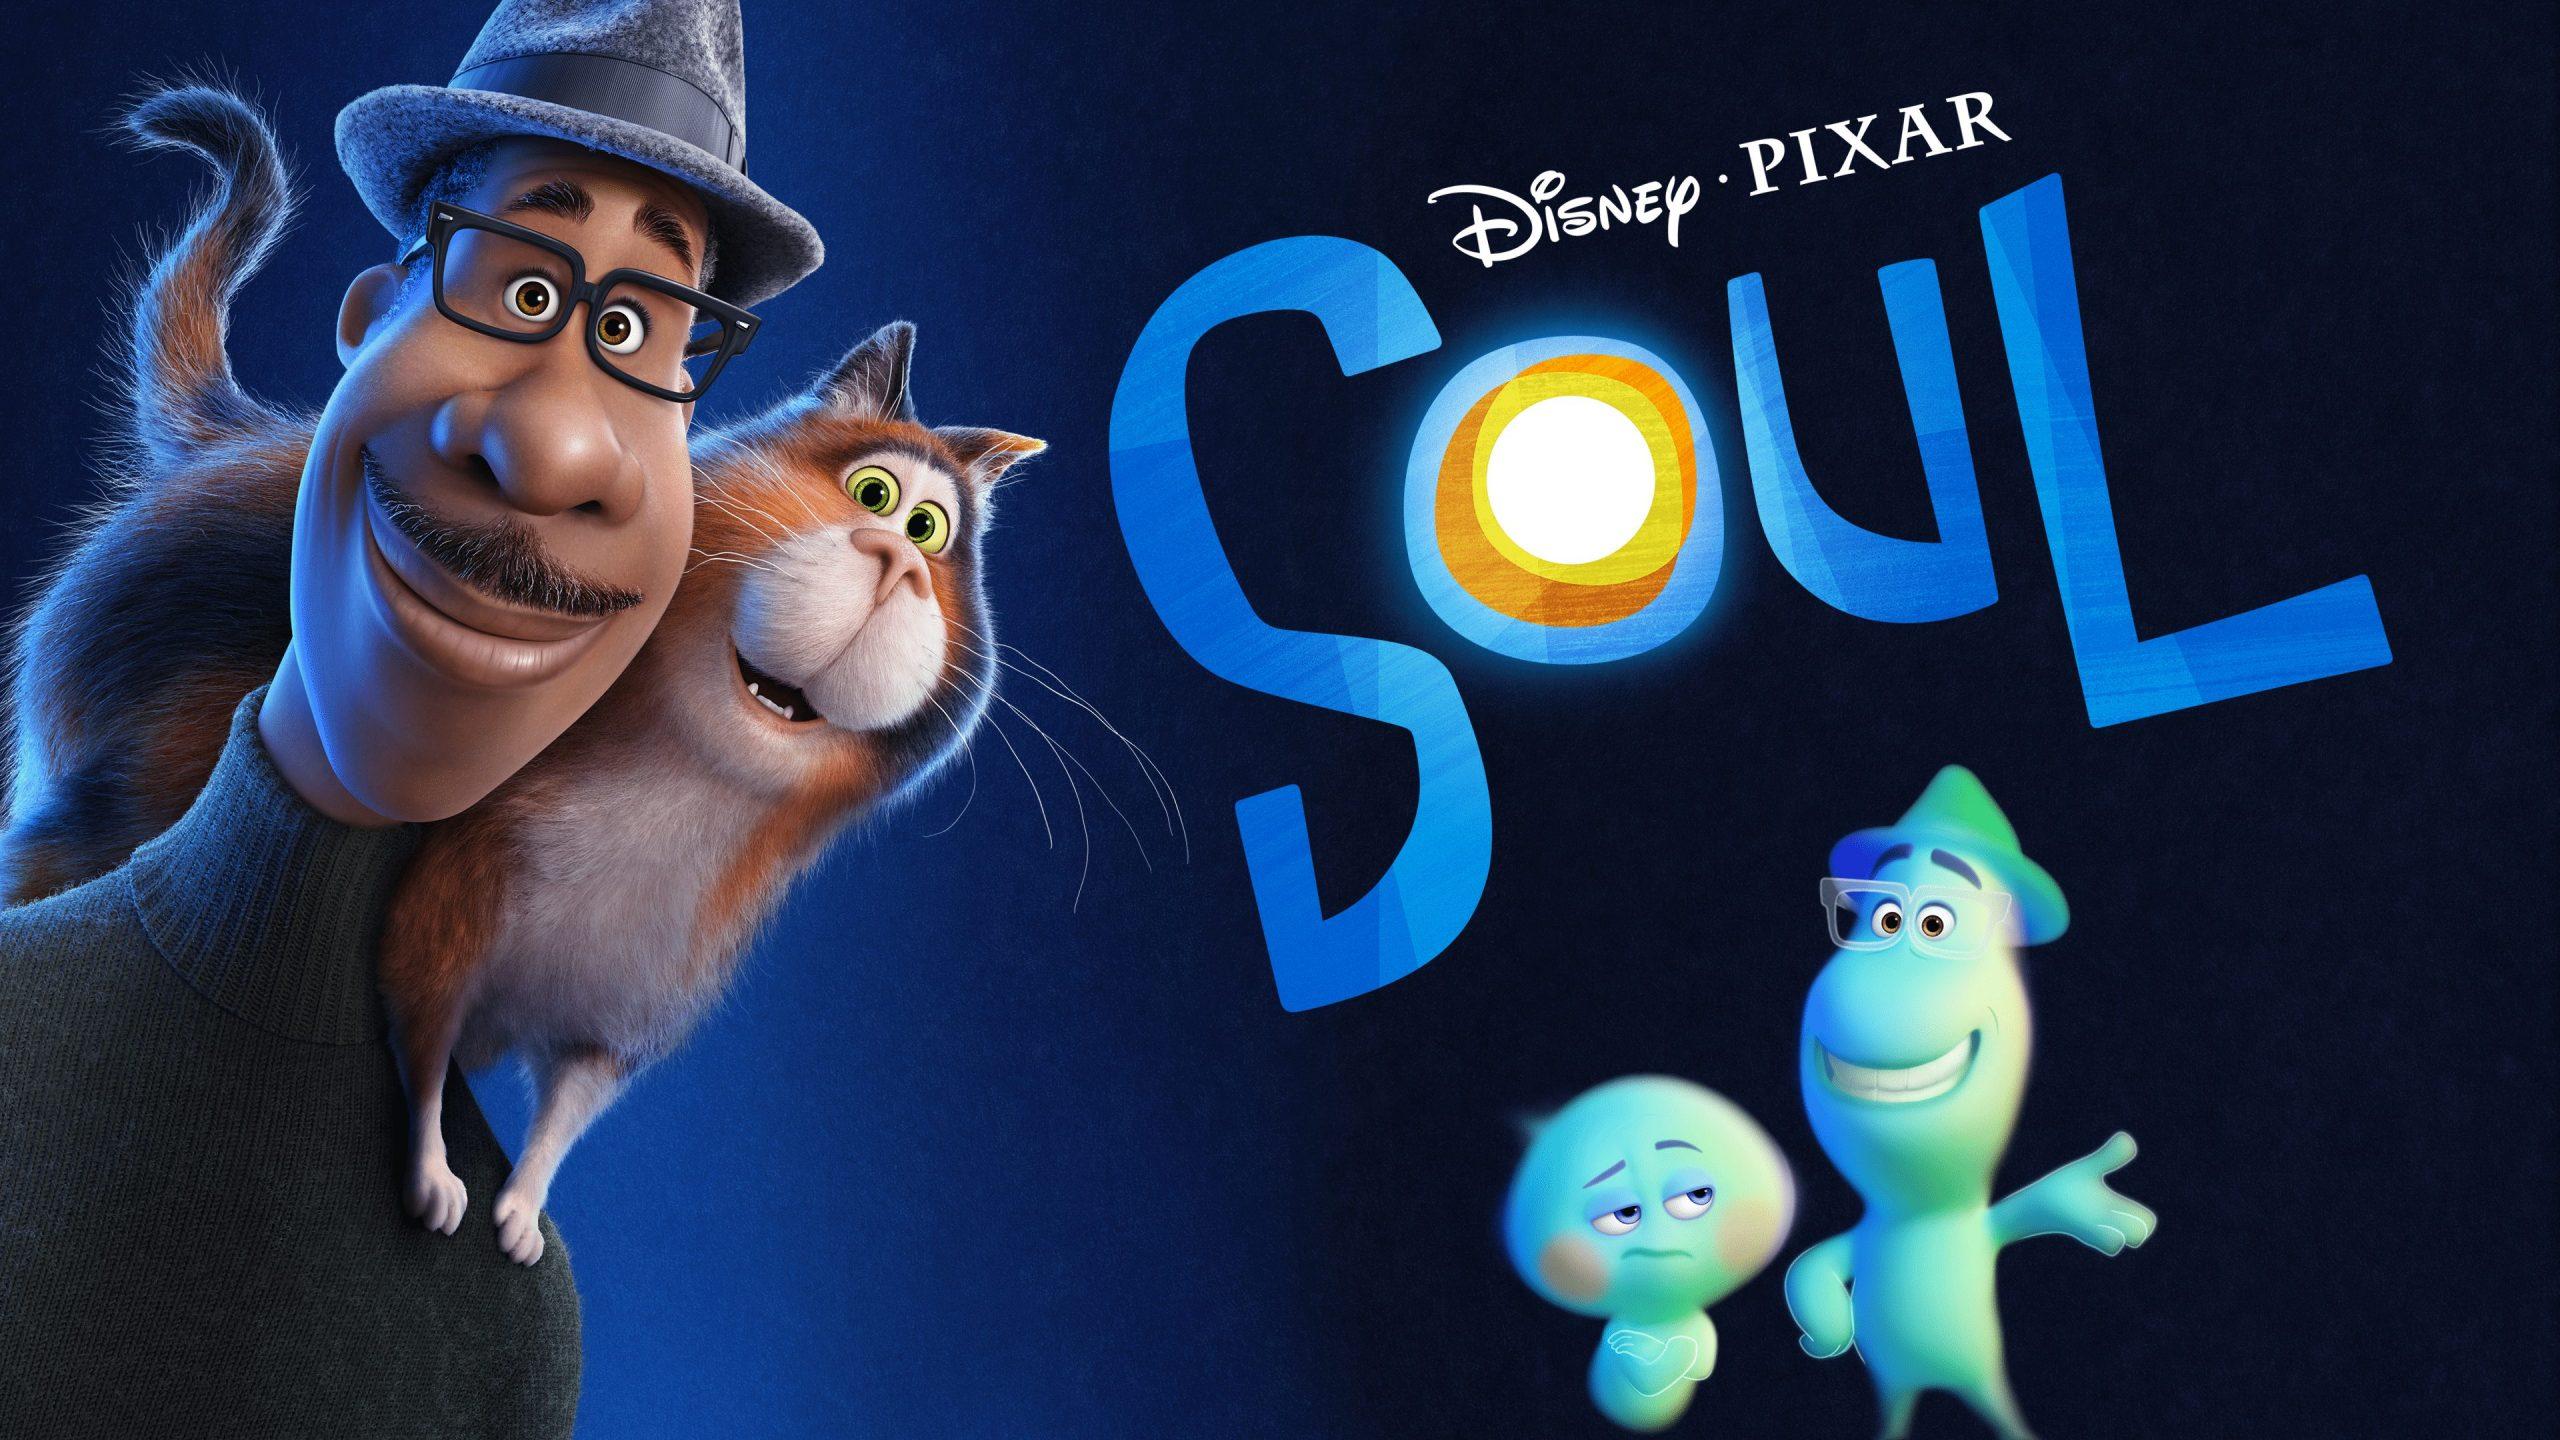 Soul-pixar